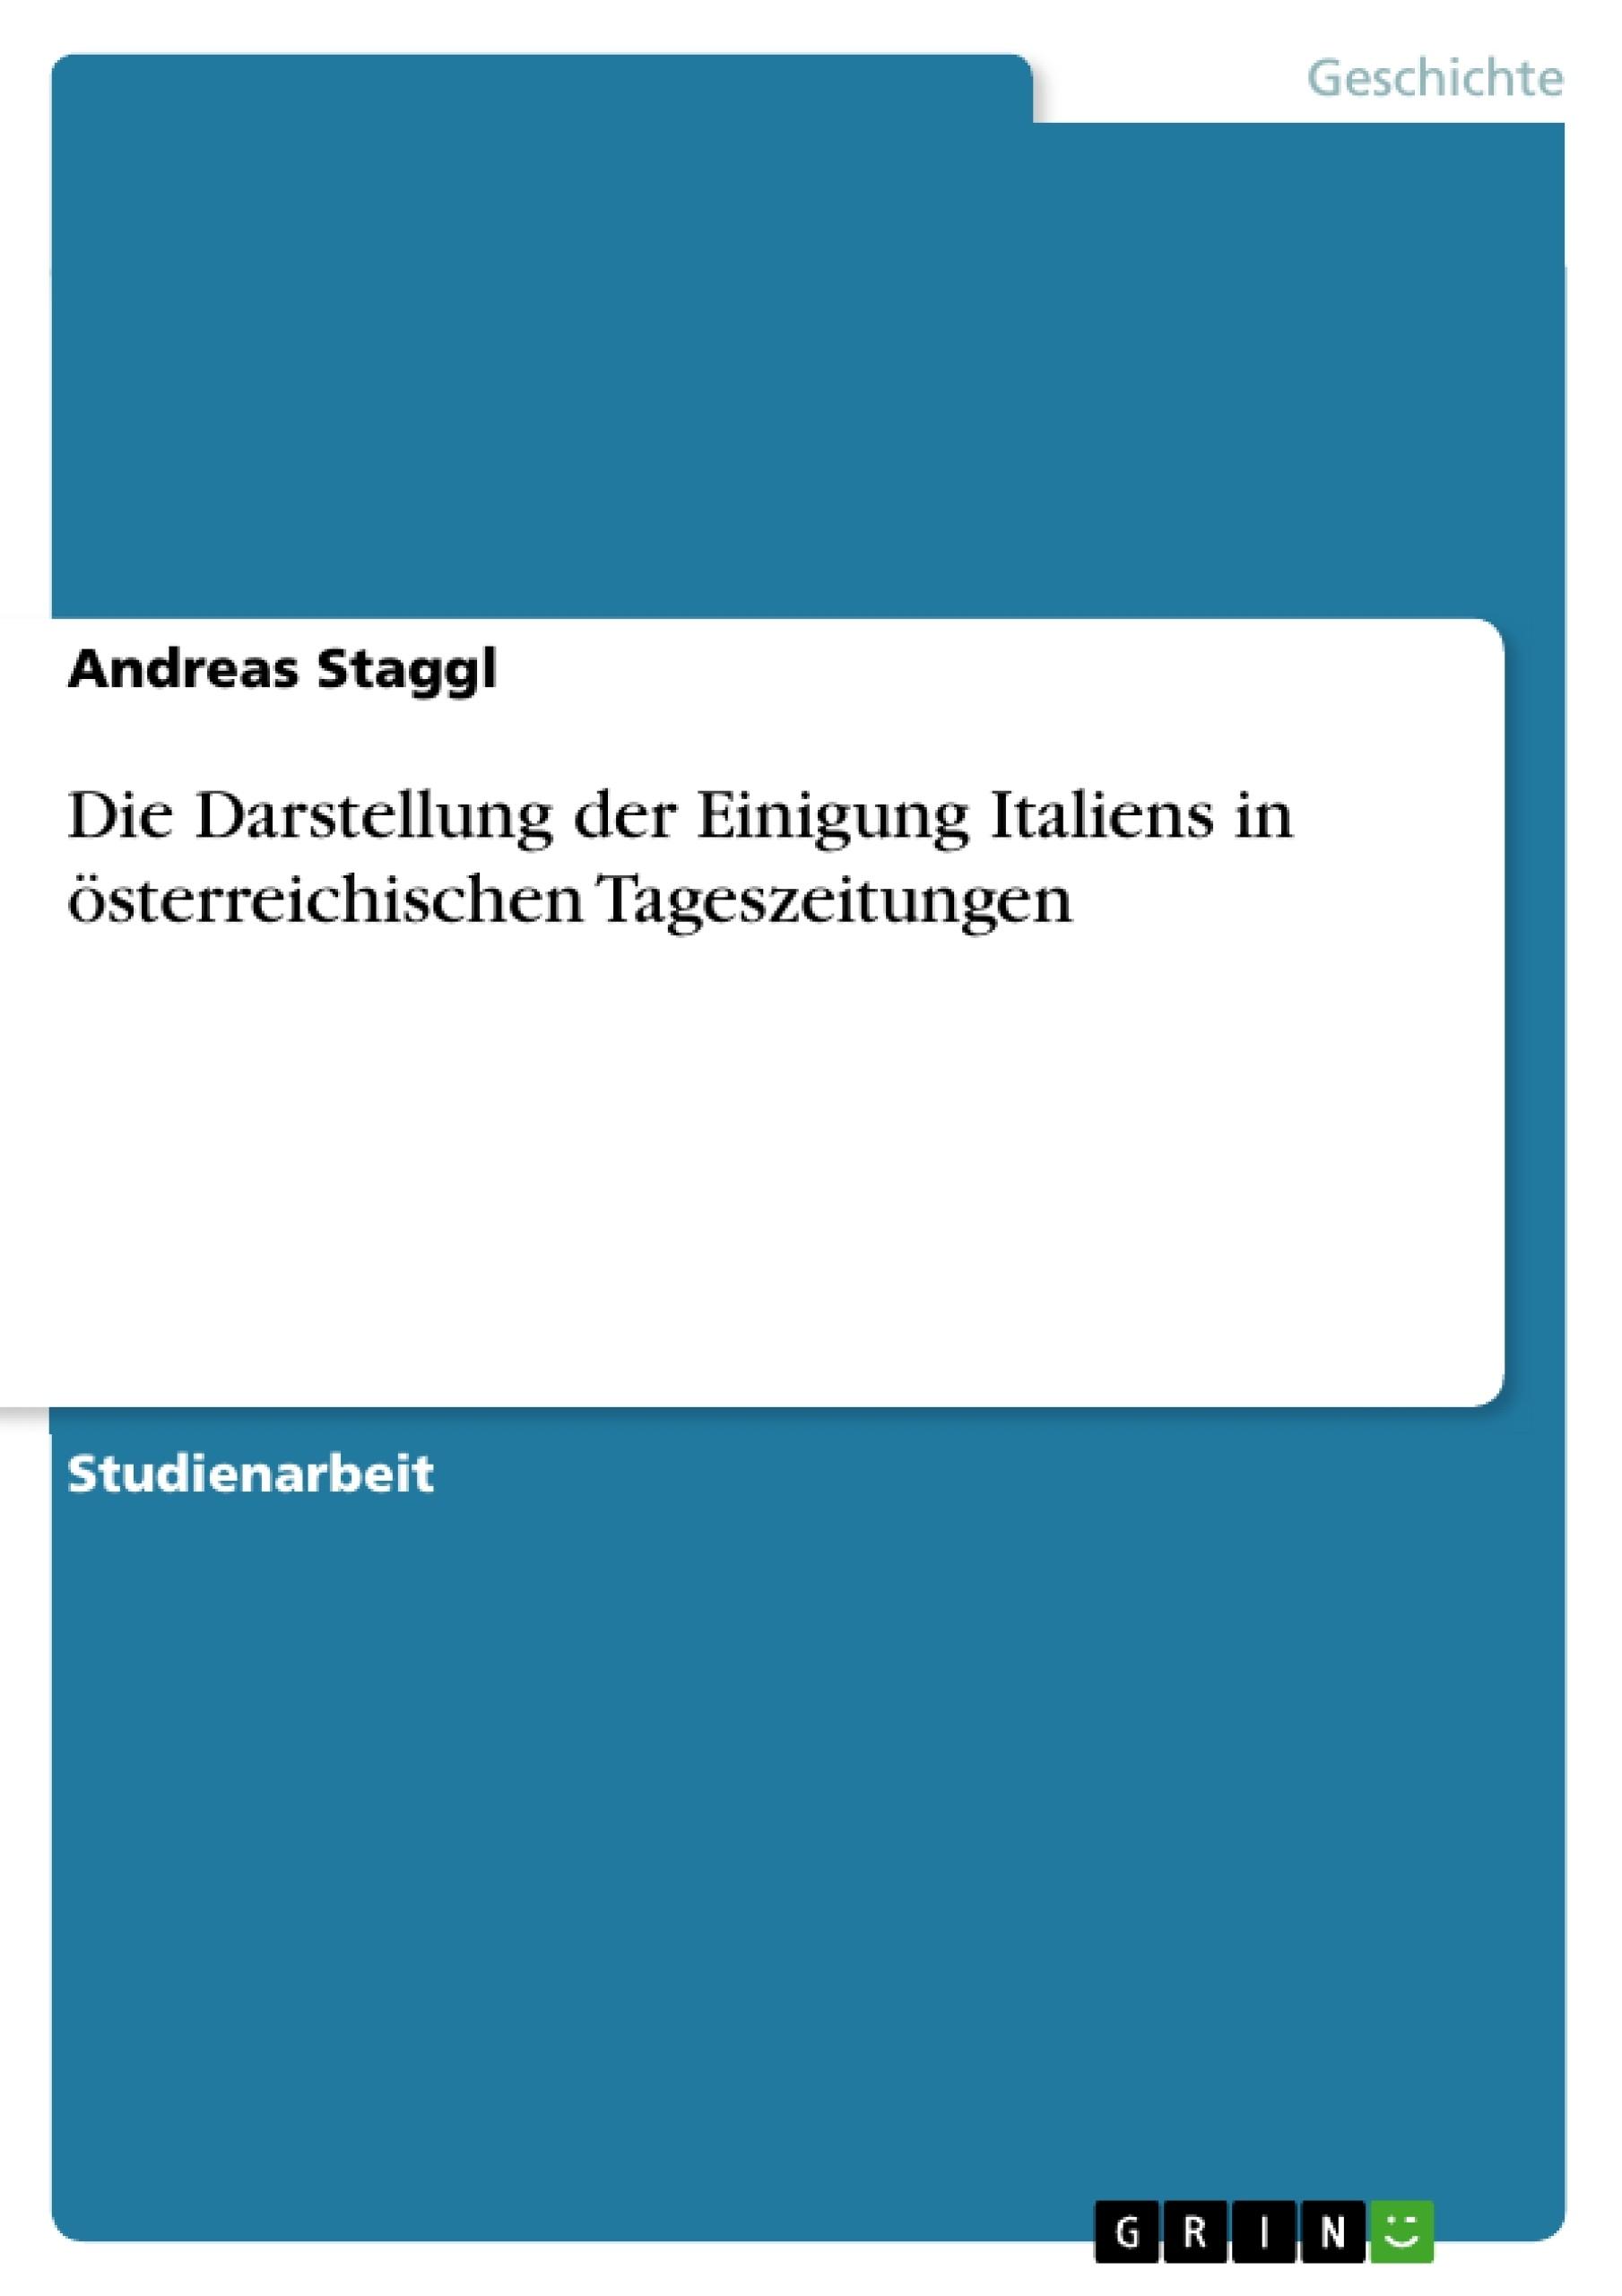 Titel: Die Darstellung der Einigung Italiens in österreichischen Tageszeitungen